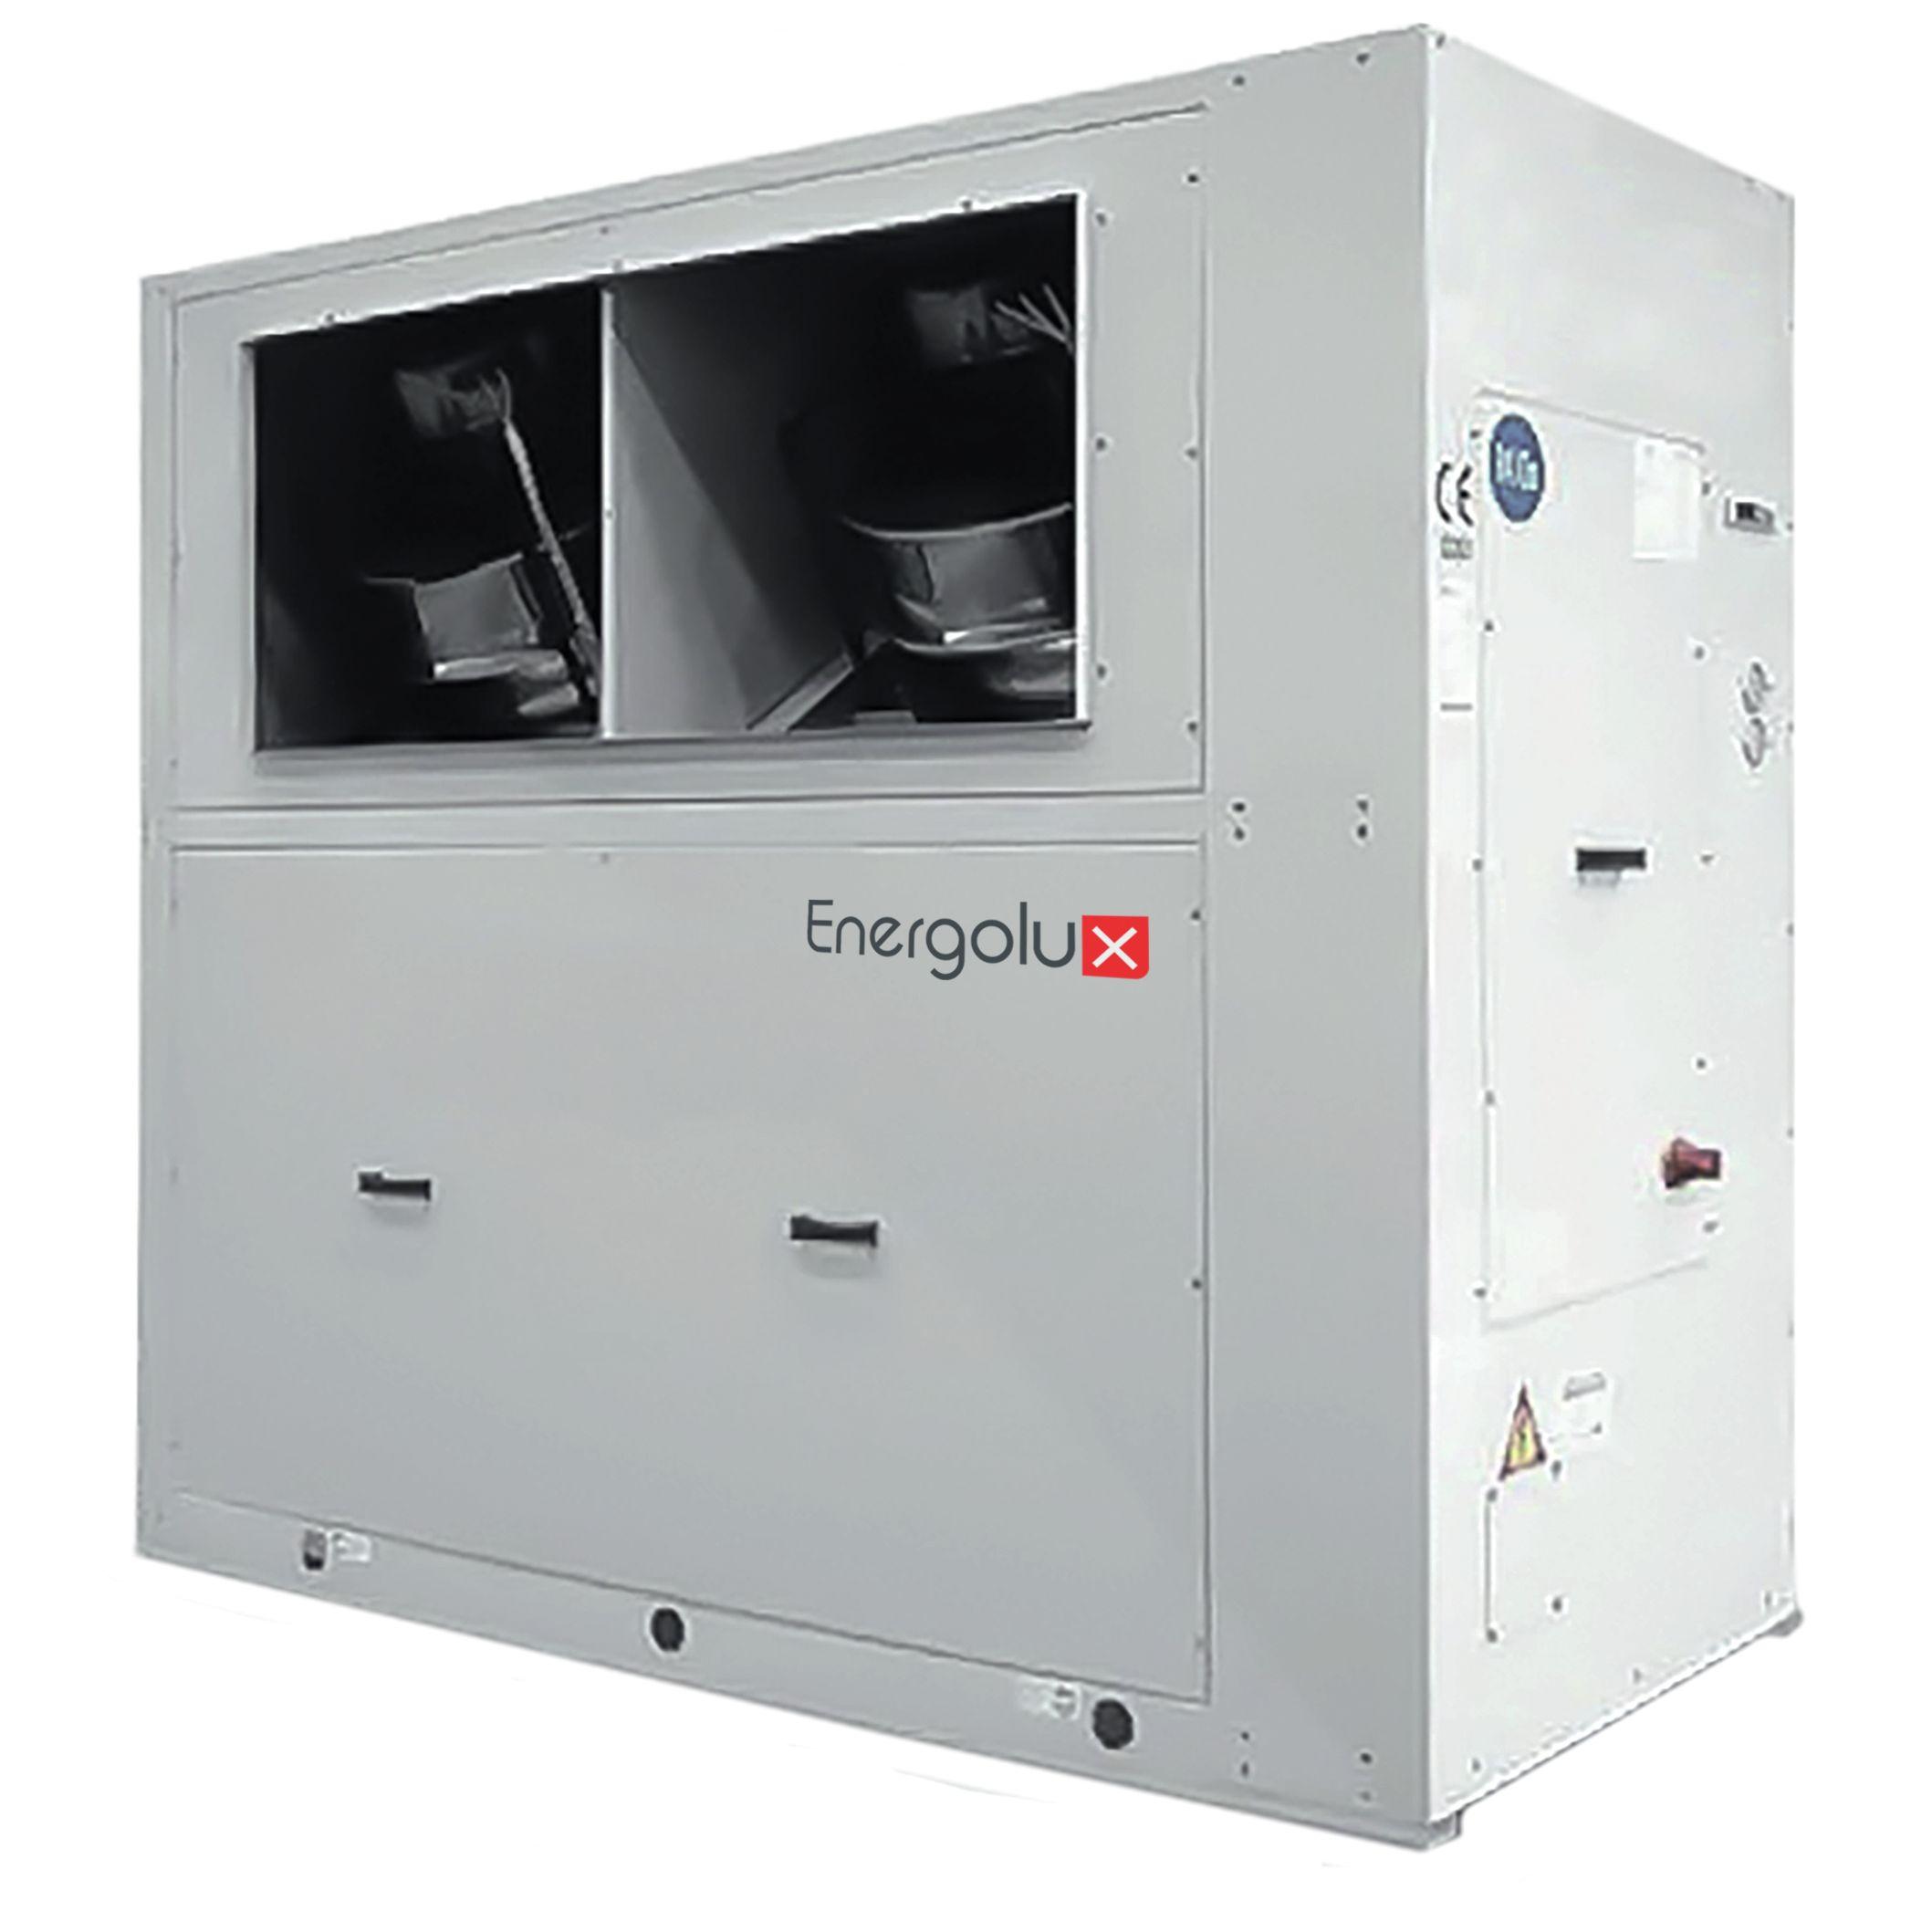 Energolux SCAW-I-T 180 Z